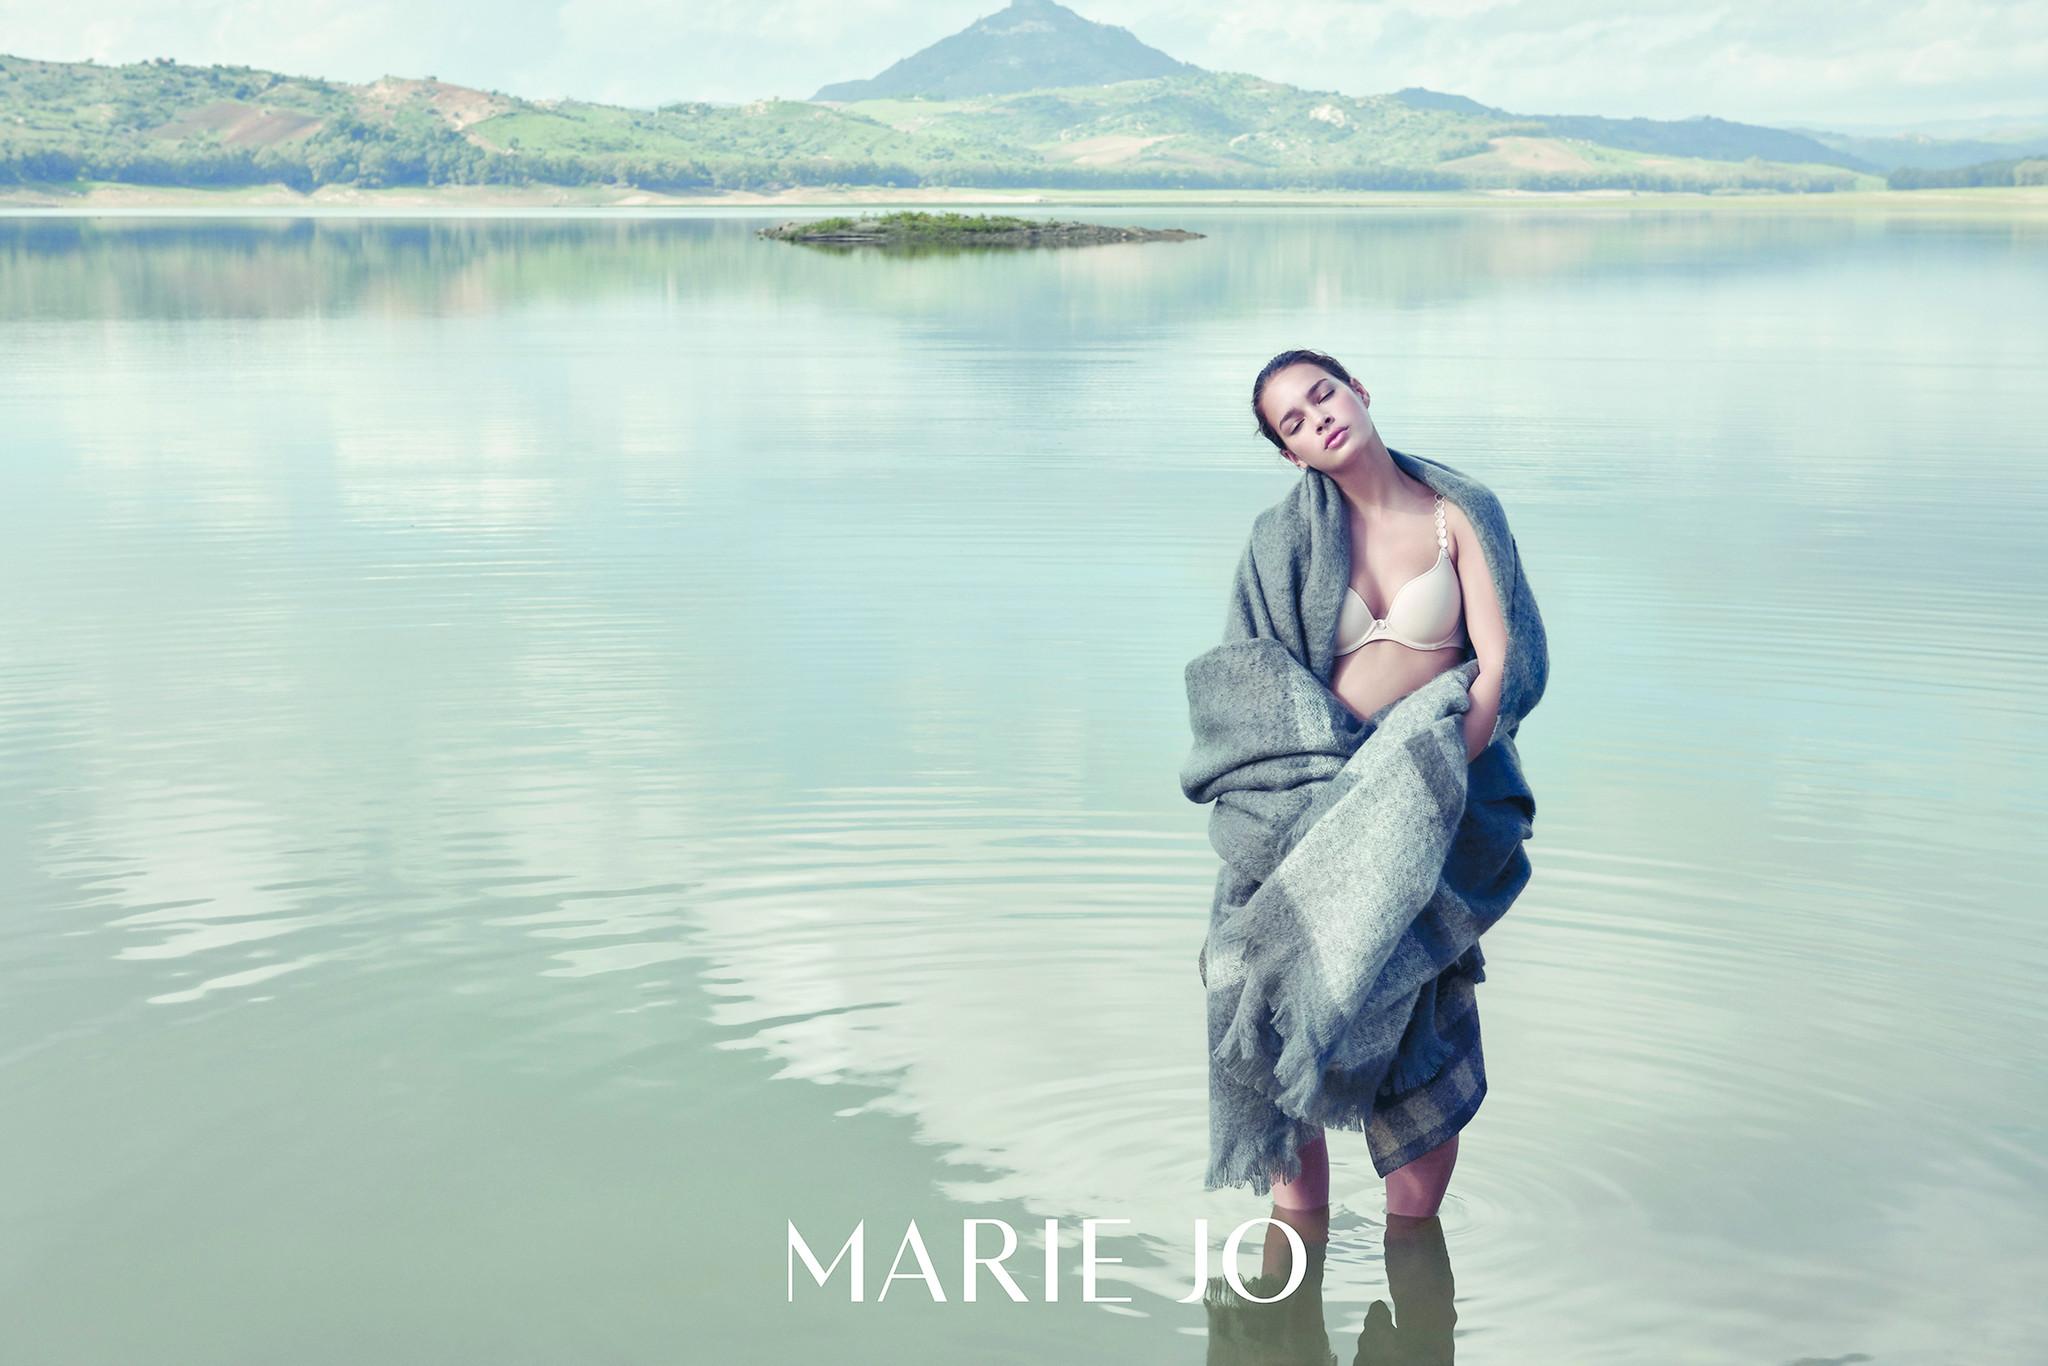 Marie Jo Tom